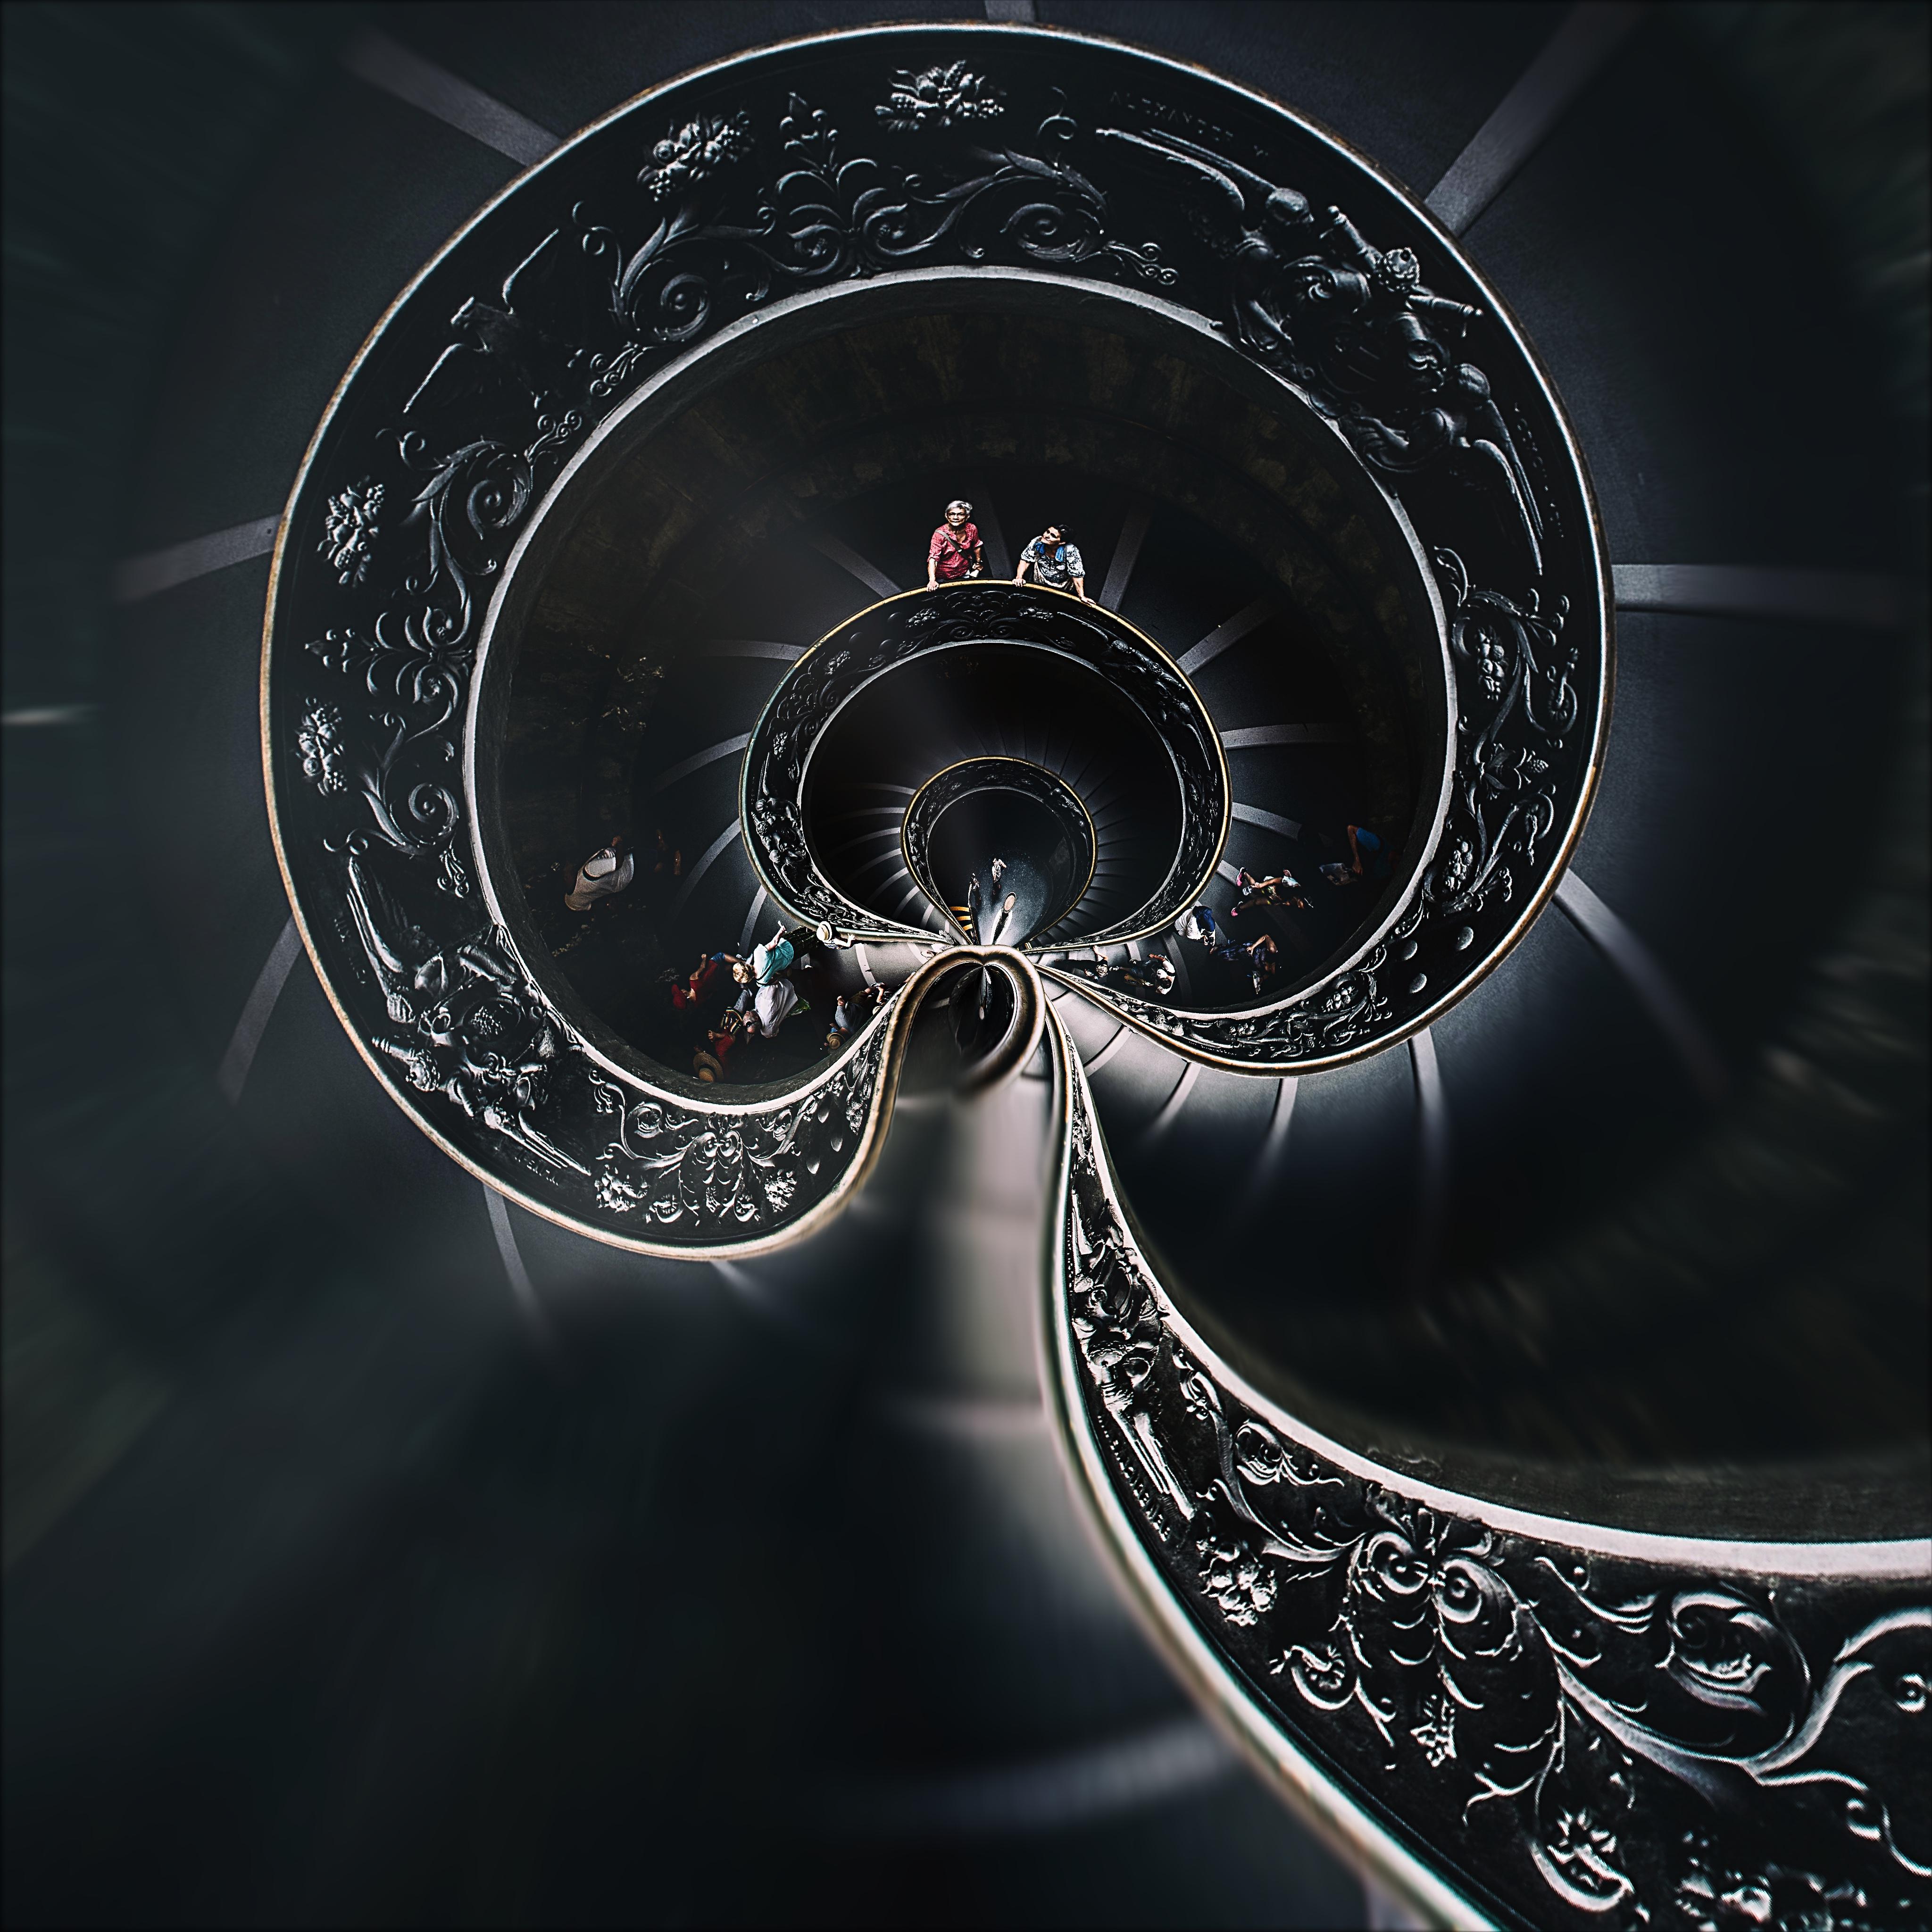 Dissertation On The Downward Spiral